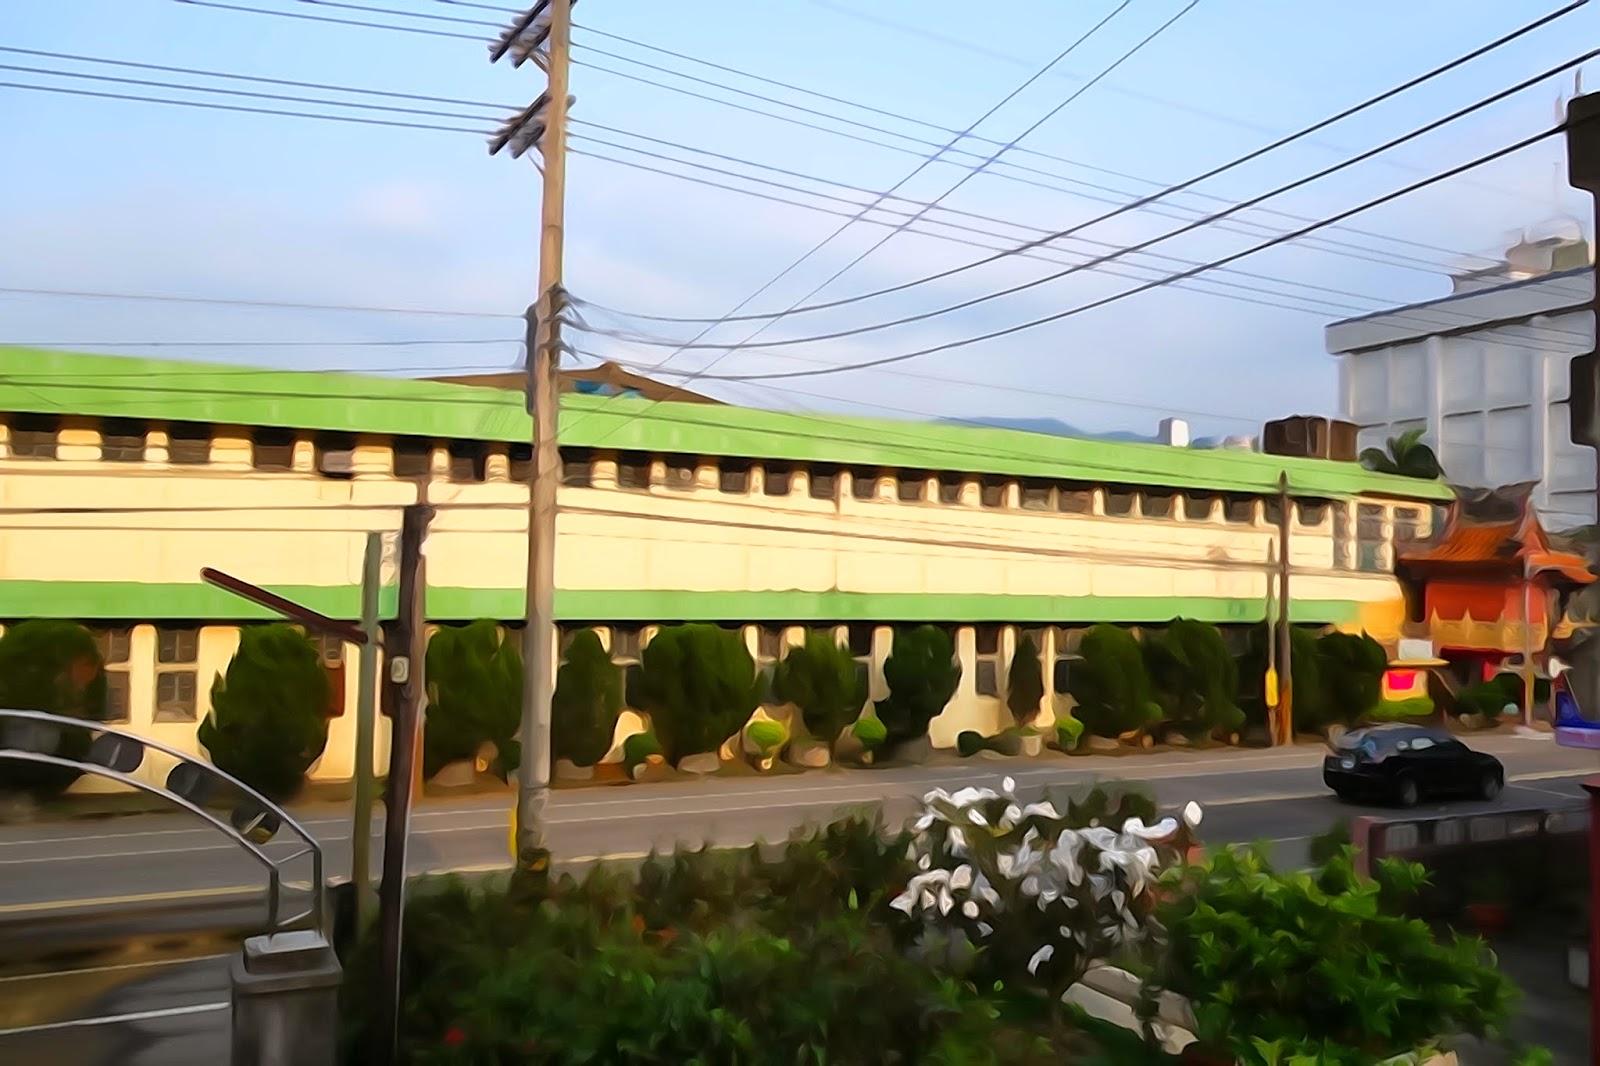 新竹縣橫山鄉數位機會中心: 橫山鄉沙坑村惠美壽茶場